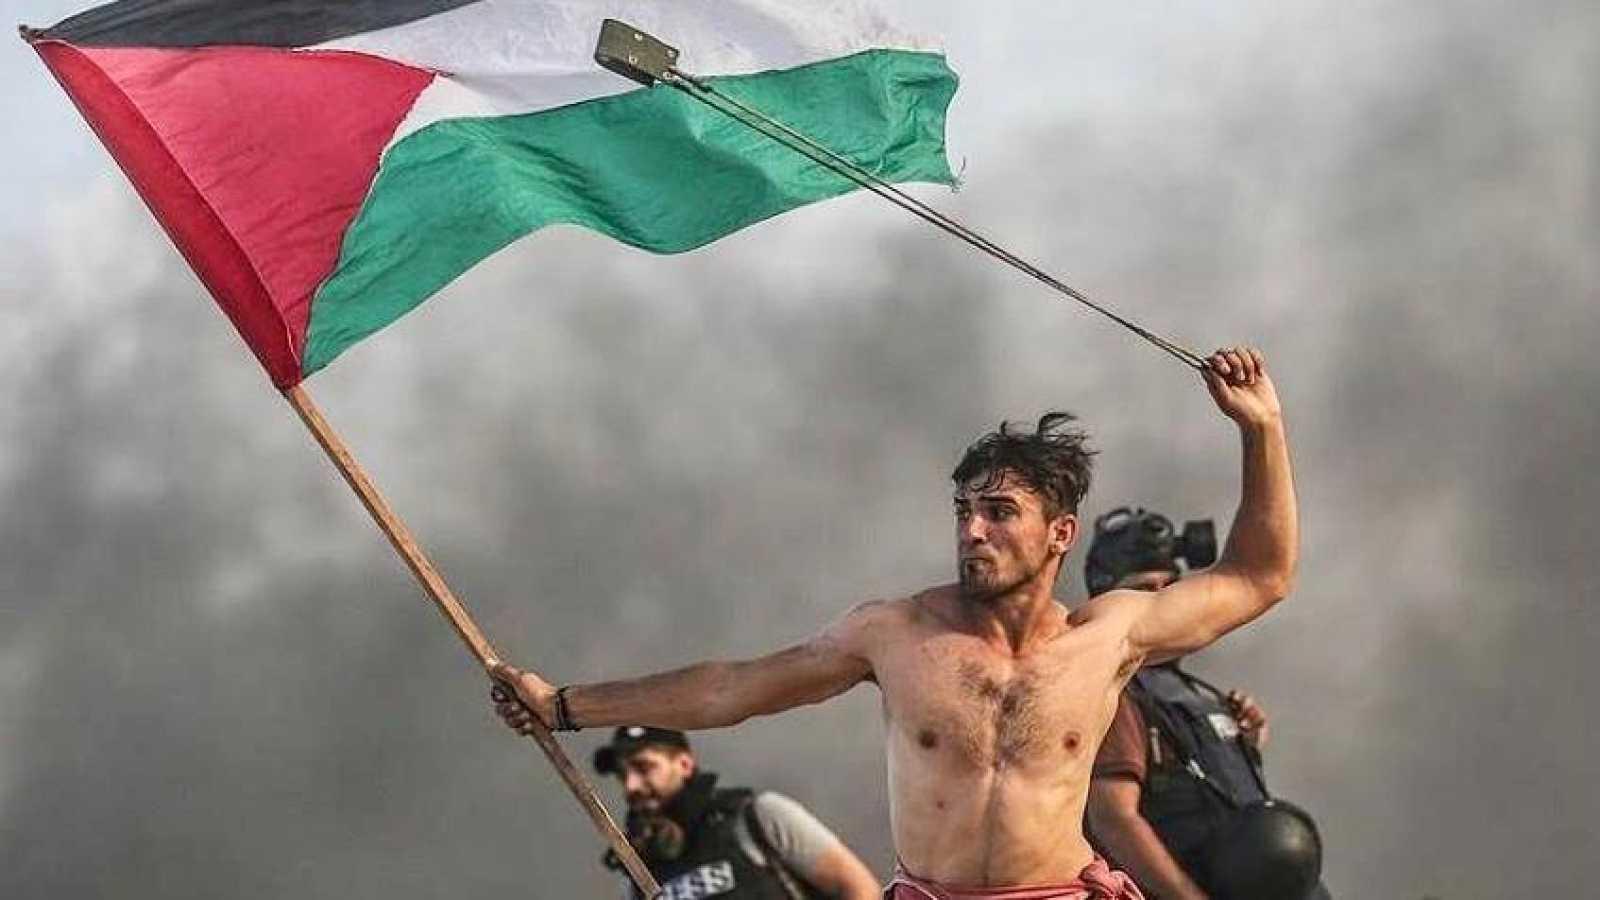 No es un día cualquiera - El pueblo palestino - Blas Moreno - 'El orden mundial' - 29/11/2020 - Escuchar ahora